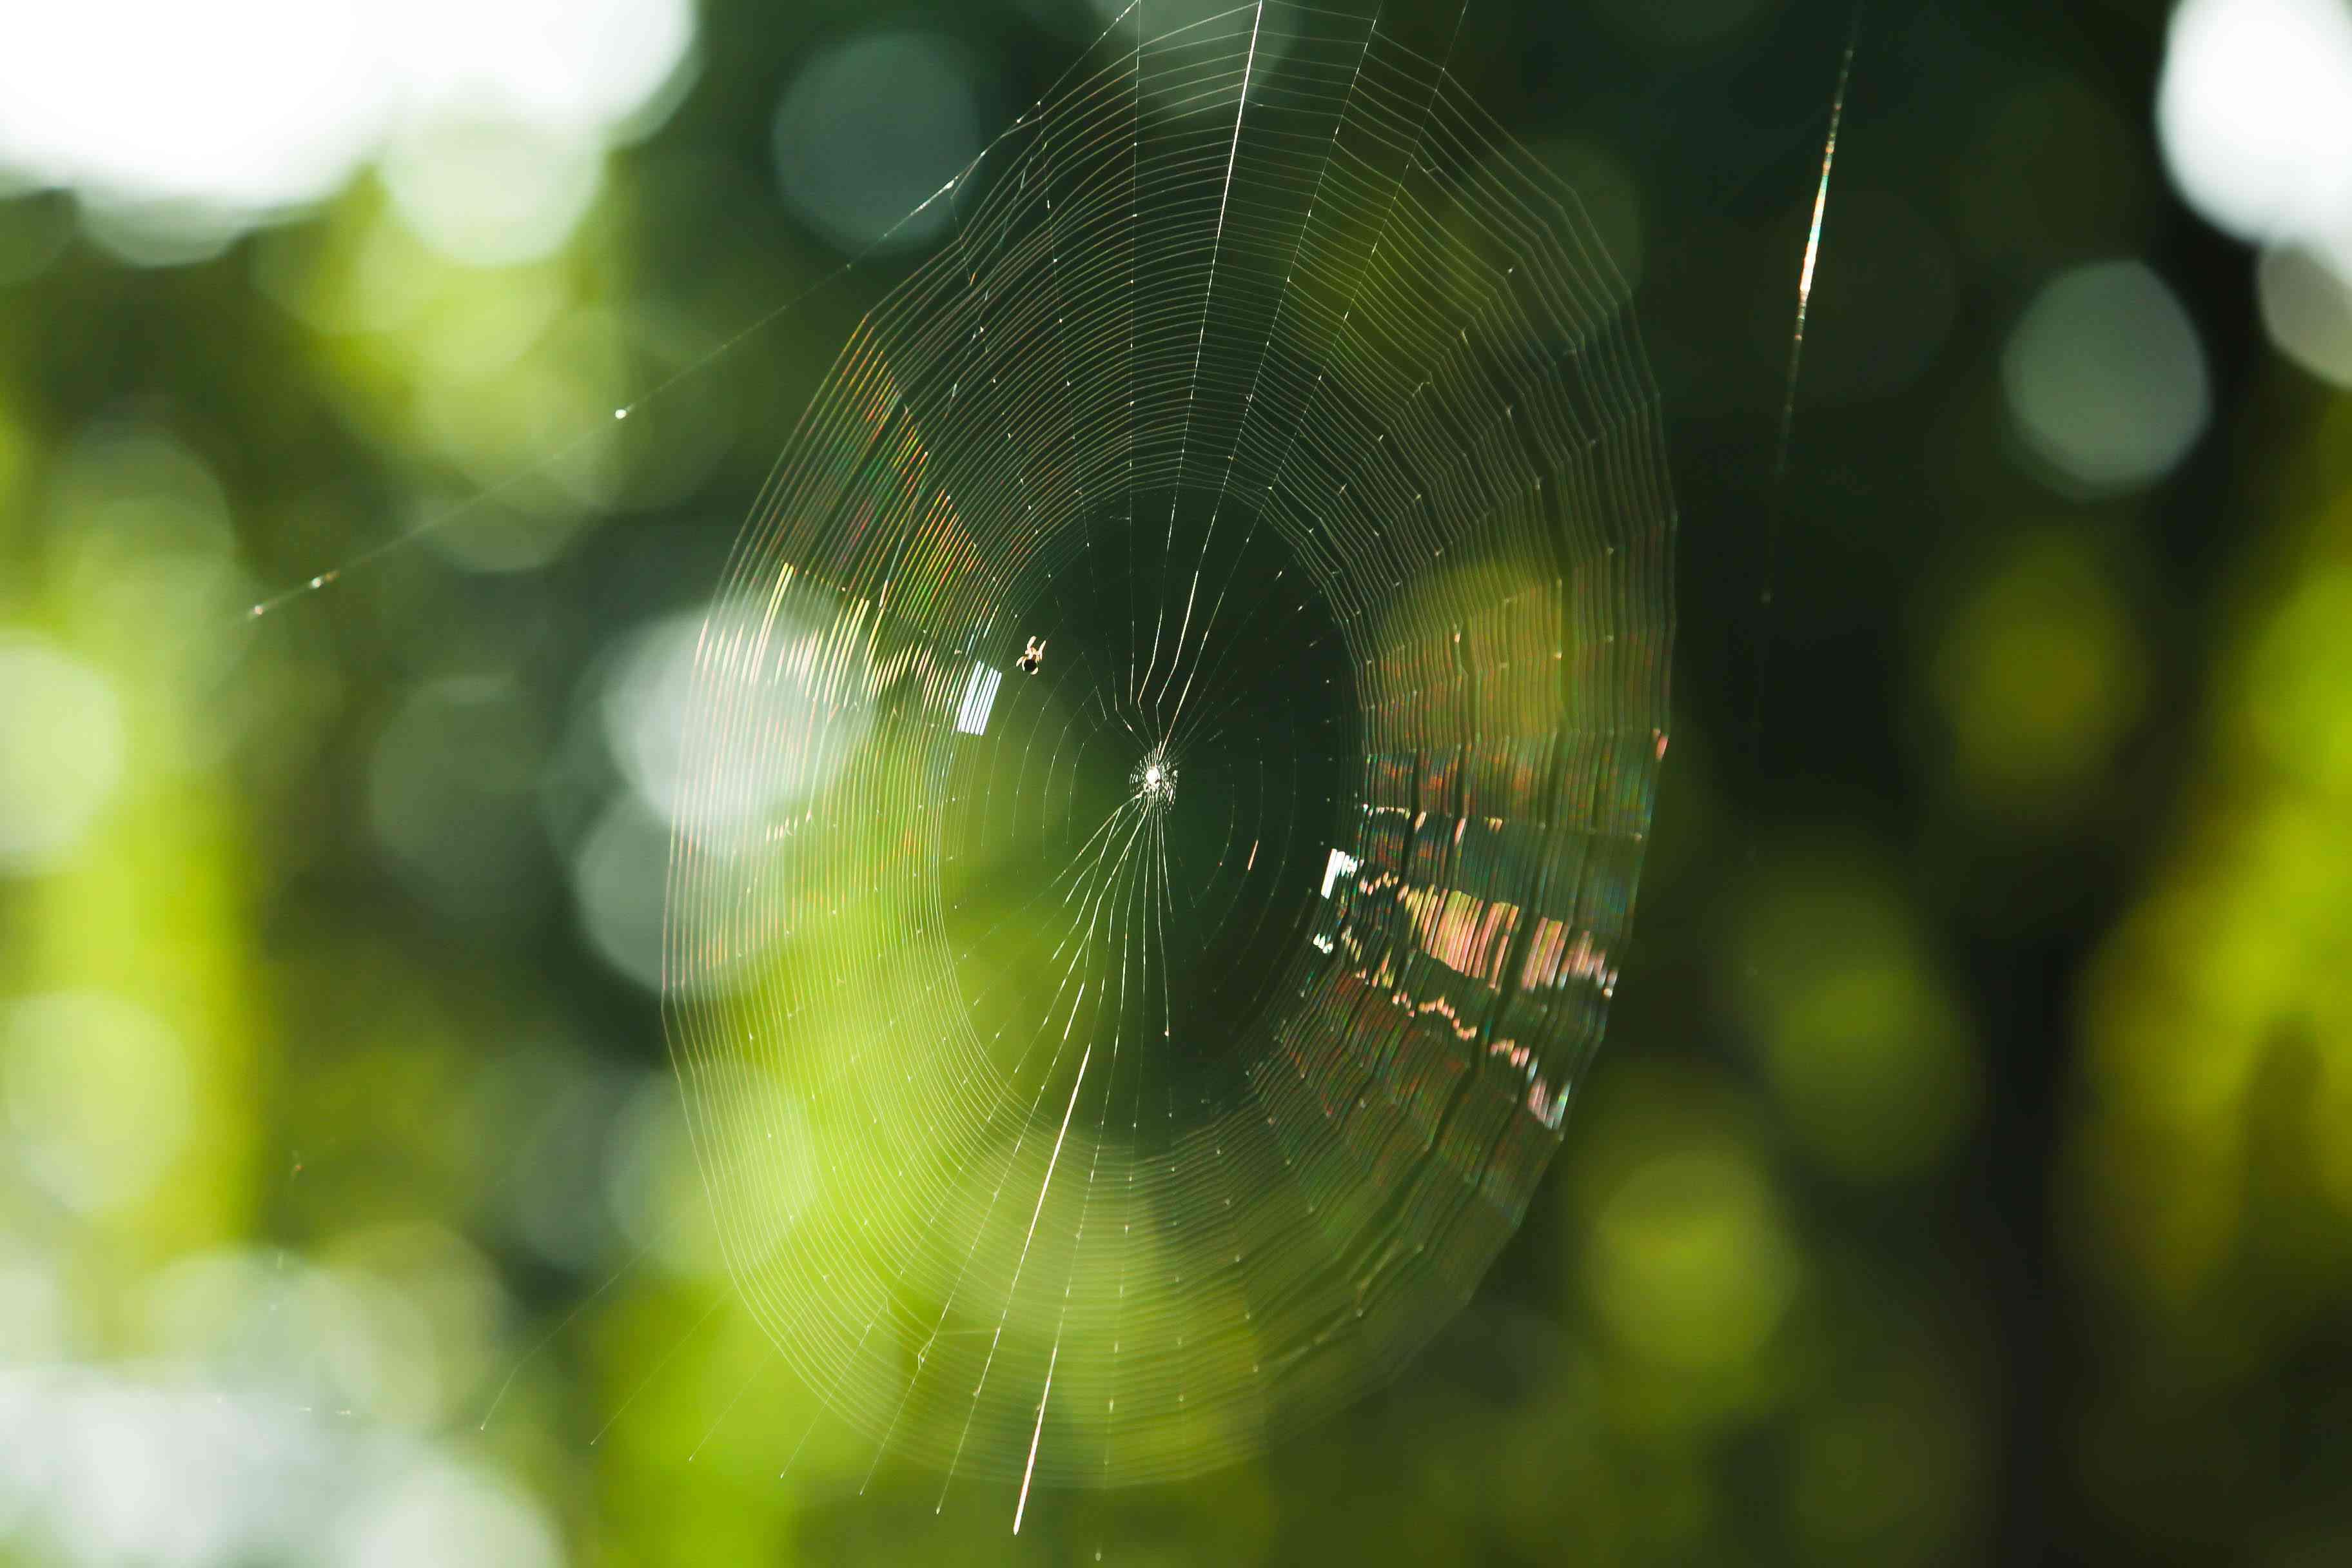 spider web shimmering in sunlight